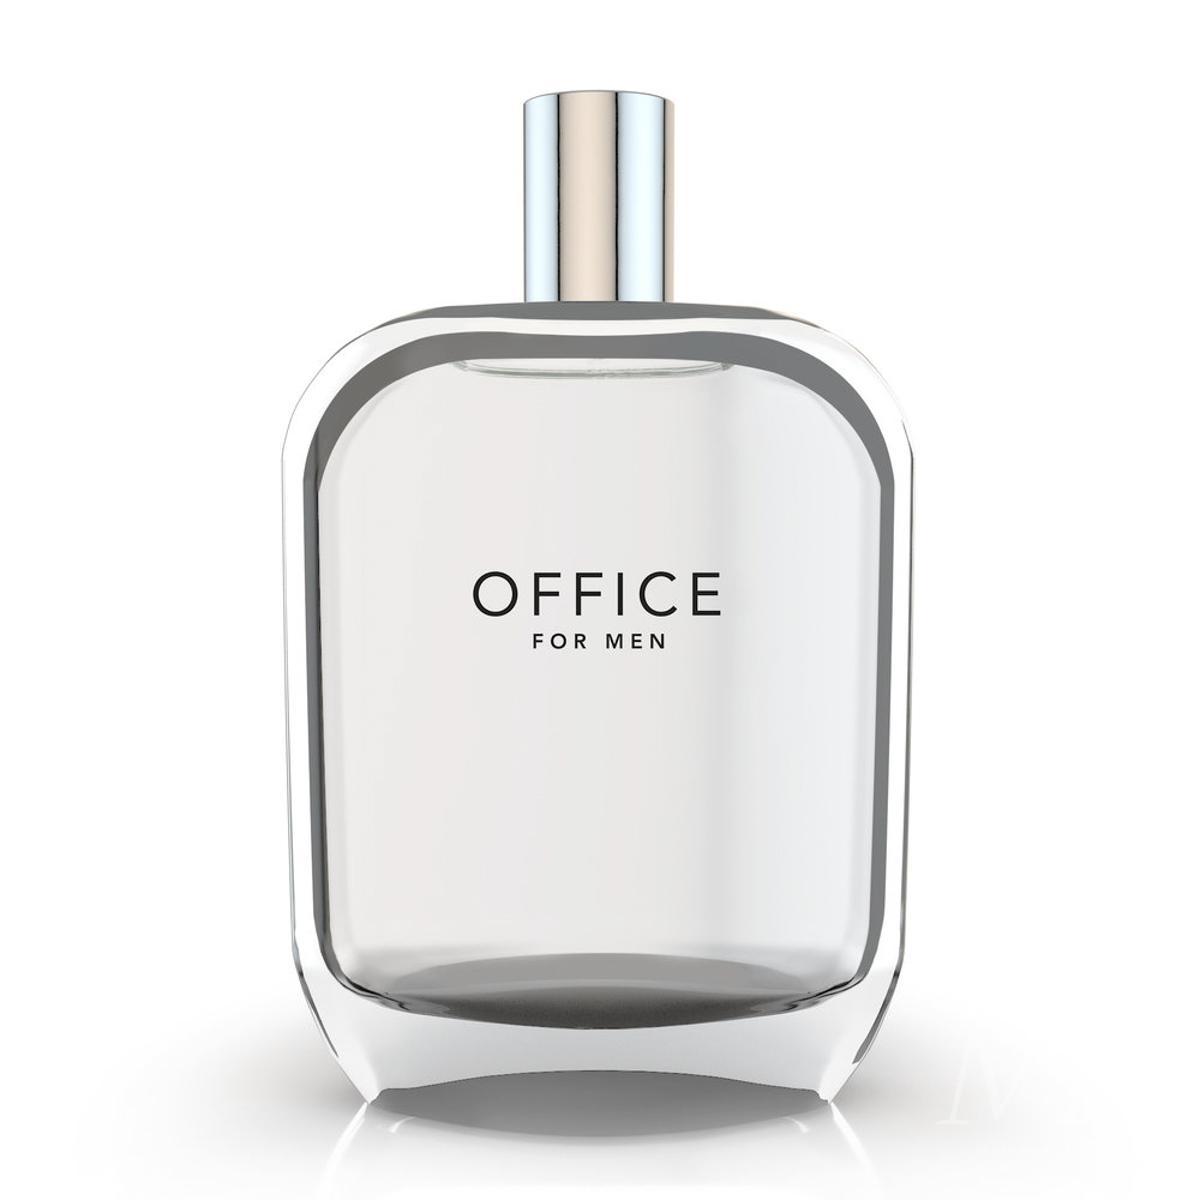 jeremy-fragrance-fragrances-man-for-himself